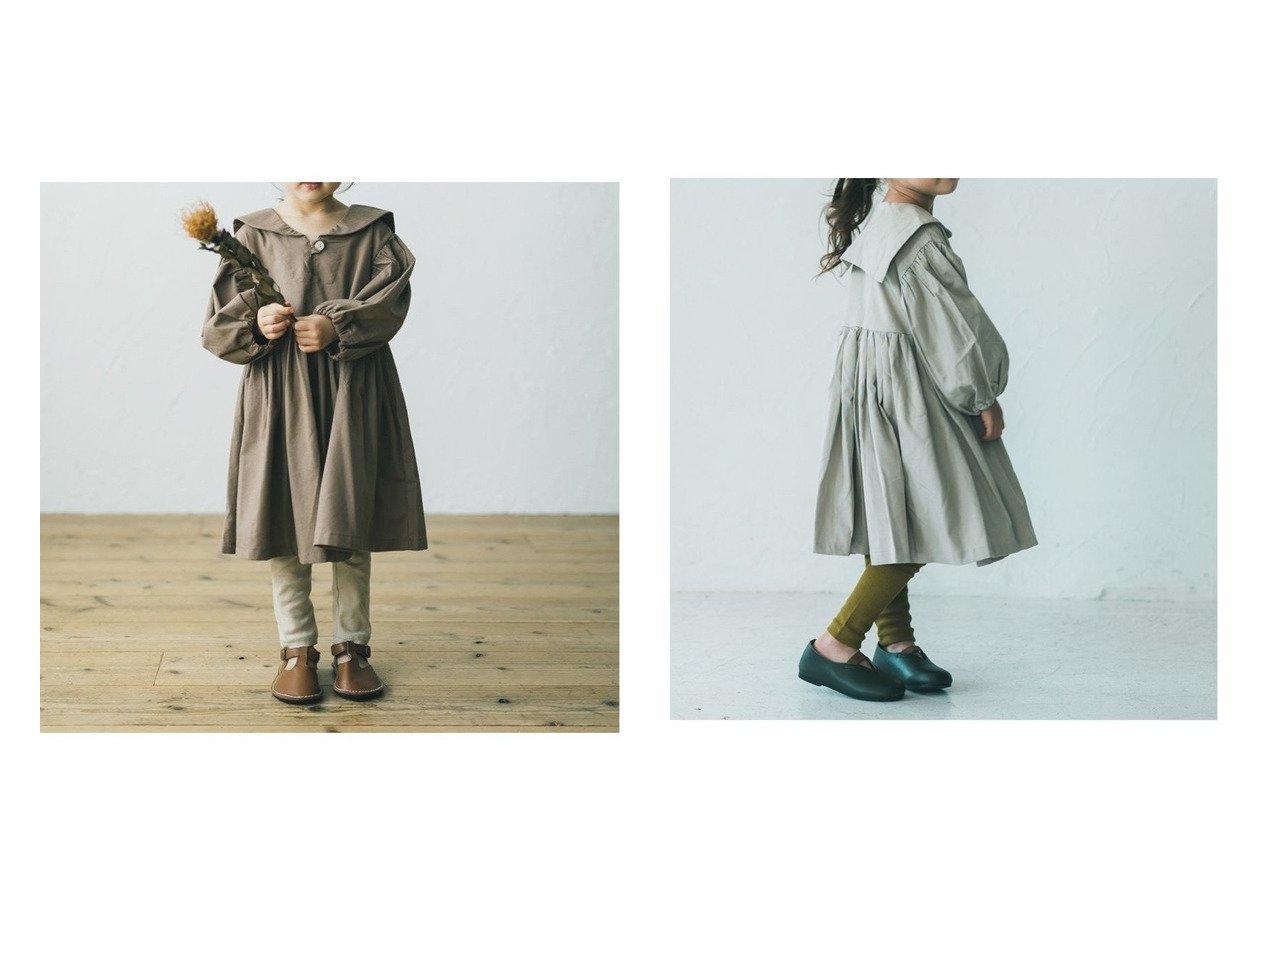 【riziere / KIDS/リジェール】のラウンドカラーウエストギャザーワンピース KIDS】子供服のおすすめ!人気トレンド・キッズファッションの通販 おすすめで人気の流行・トレンド、ファッションの通販商品 メンズファッション・キッズファッション・インテリア・家具・レディースファッション・服の通販 founy(ファニー) https://founy.com/ ファッション Fashion キッズファッション KIDS ワンピース Dress Kids ギャザー |ID:crp329100000018374